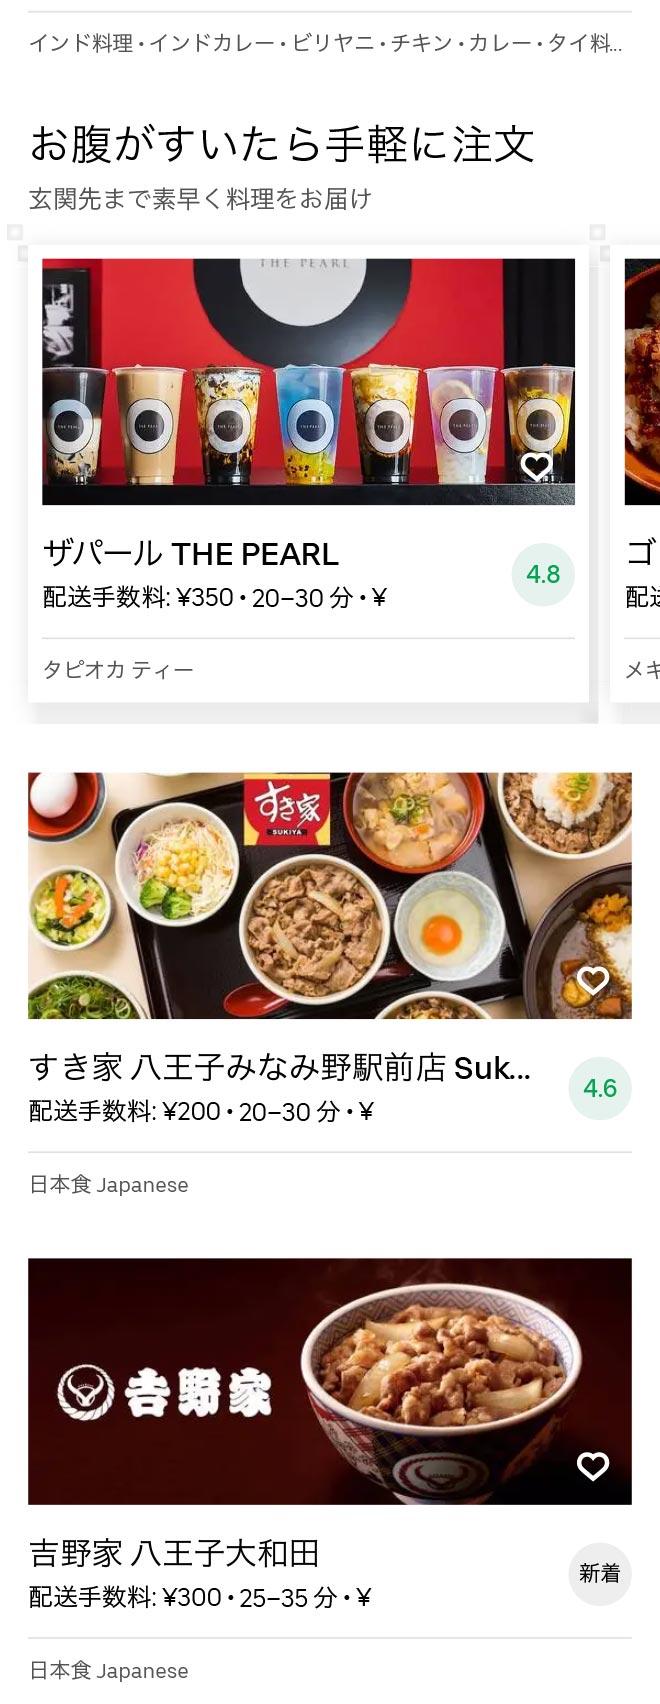 Hatioji minamino menu 2010 03